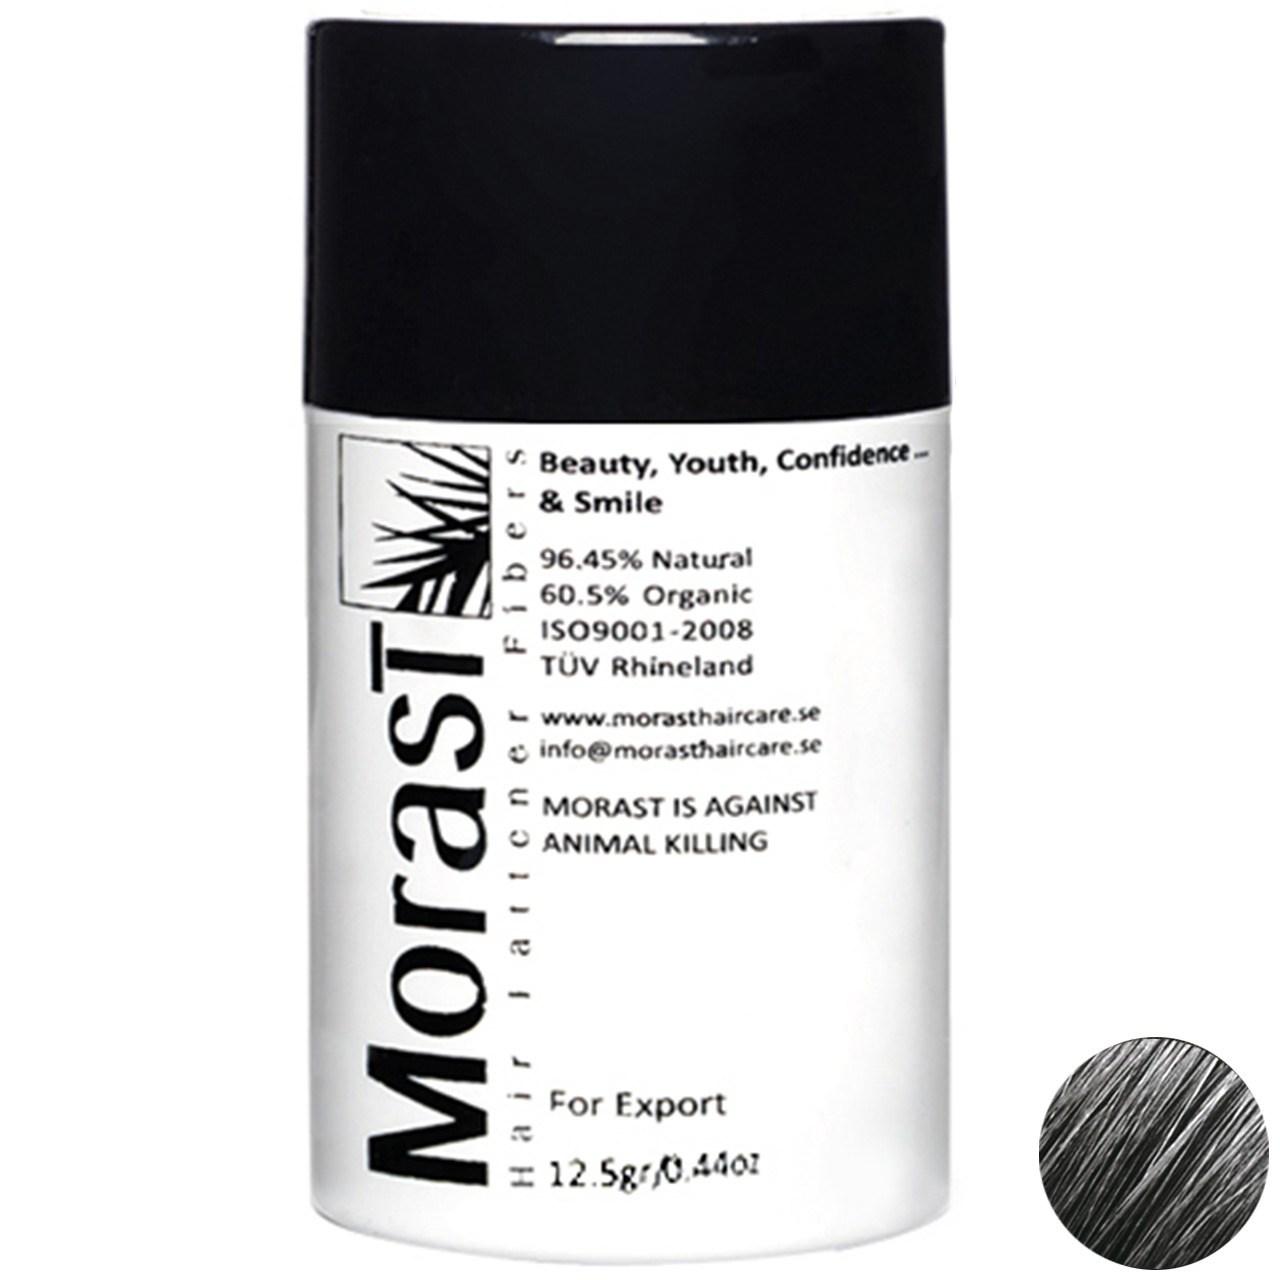 پودر پرپشت کننده موی مورست مدل Gray مقدار 12.5 گرم